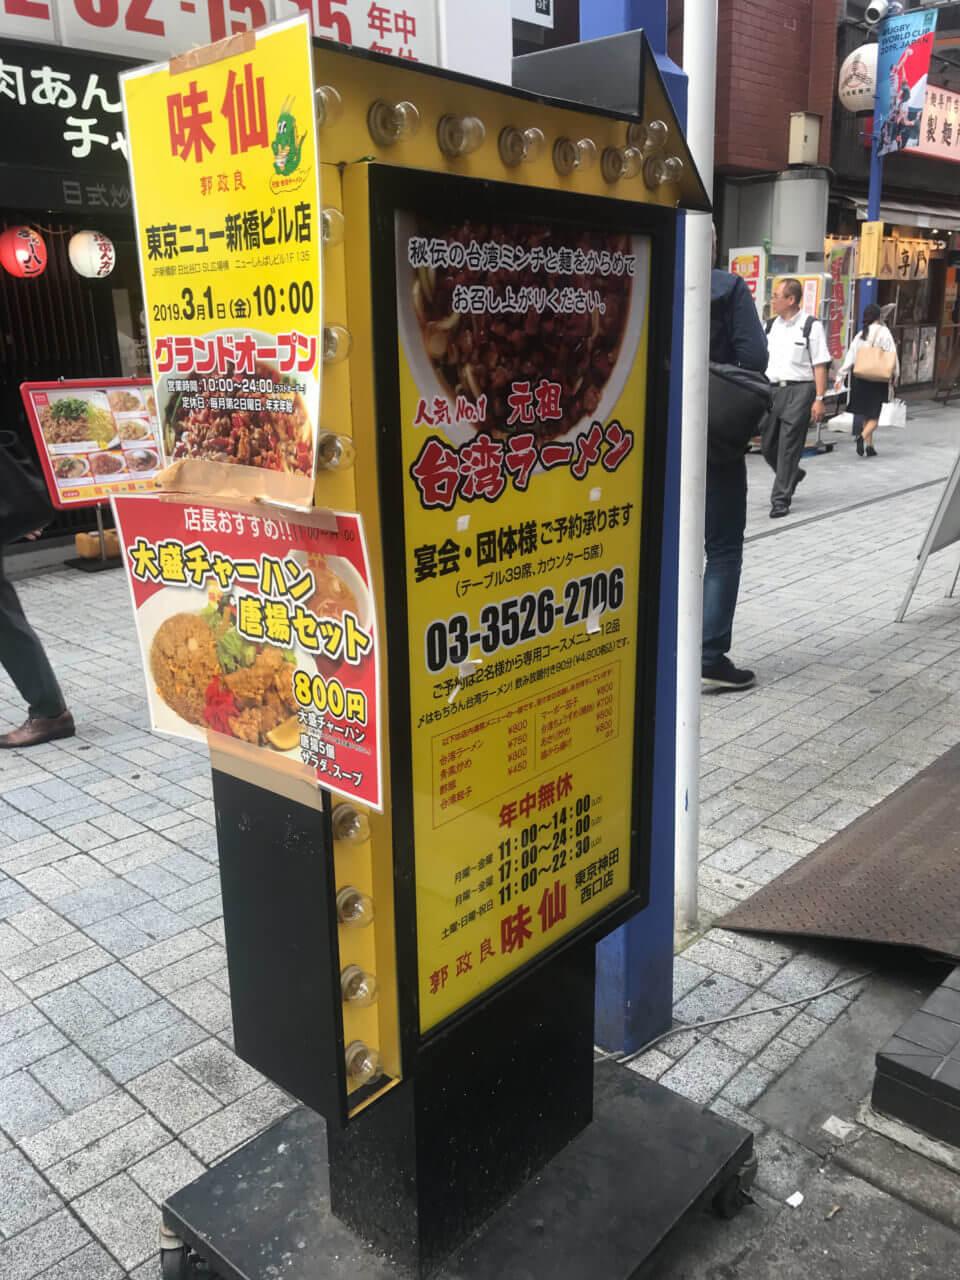 郭 政良 味仙(カク マサヨシ ミセン) 東京神田西口店 看板